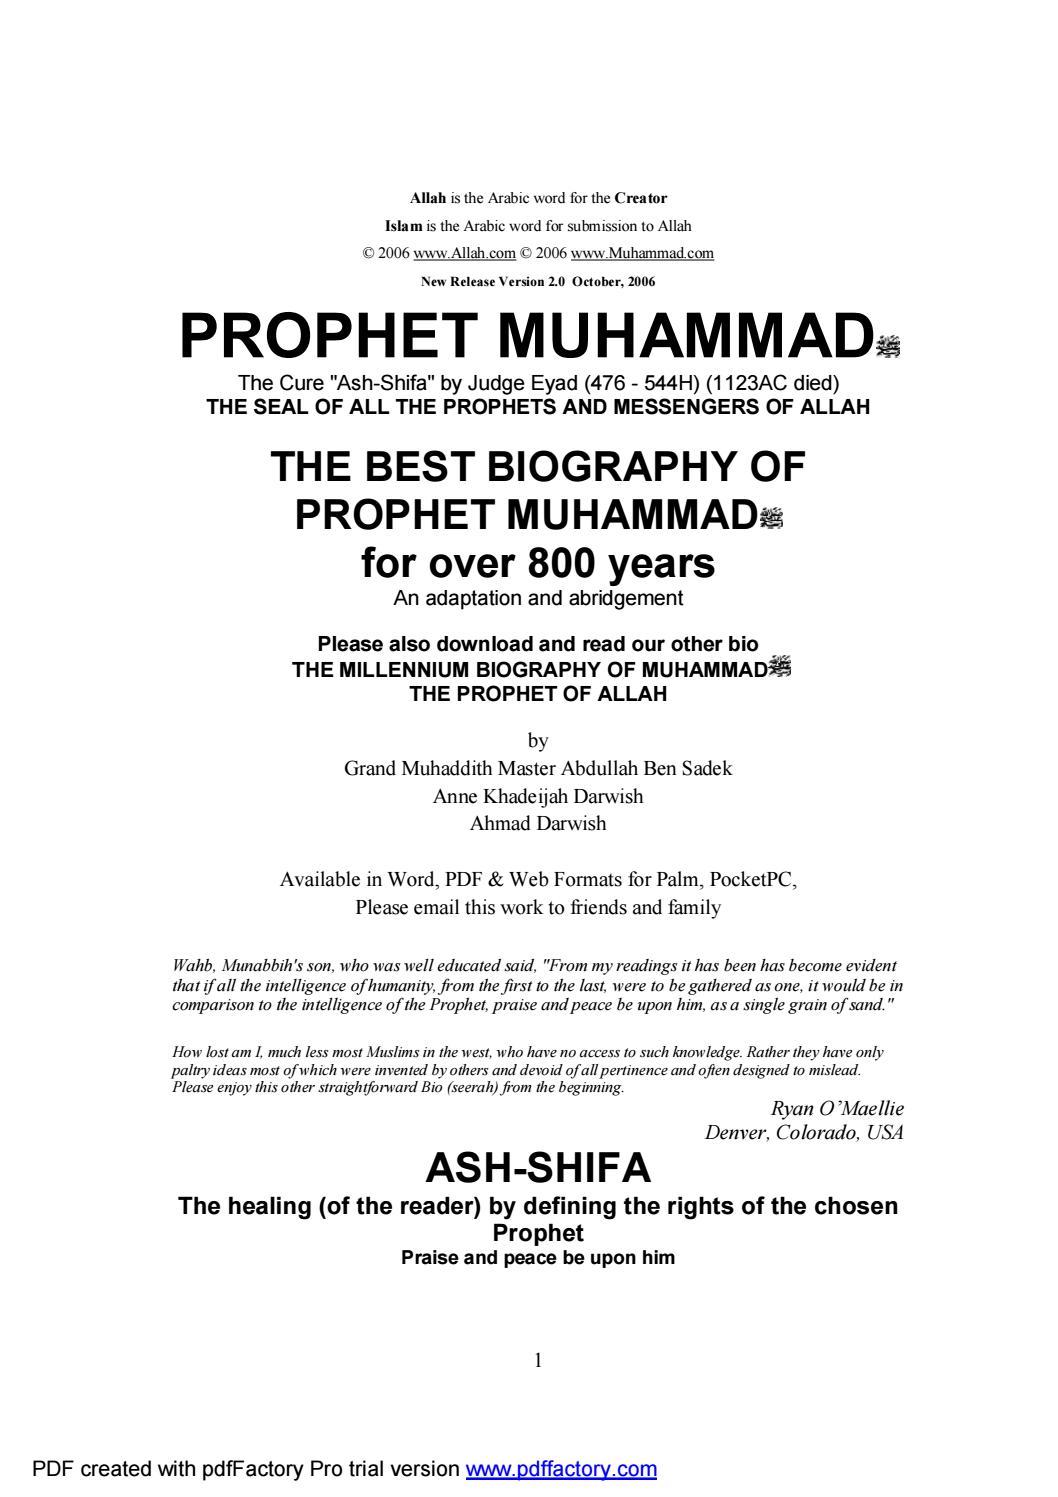 Ash shifa shareef of qadi iyad ibn musa al yahsubi radi